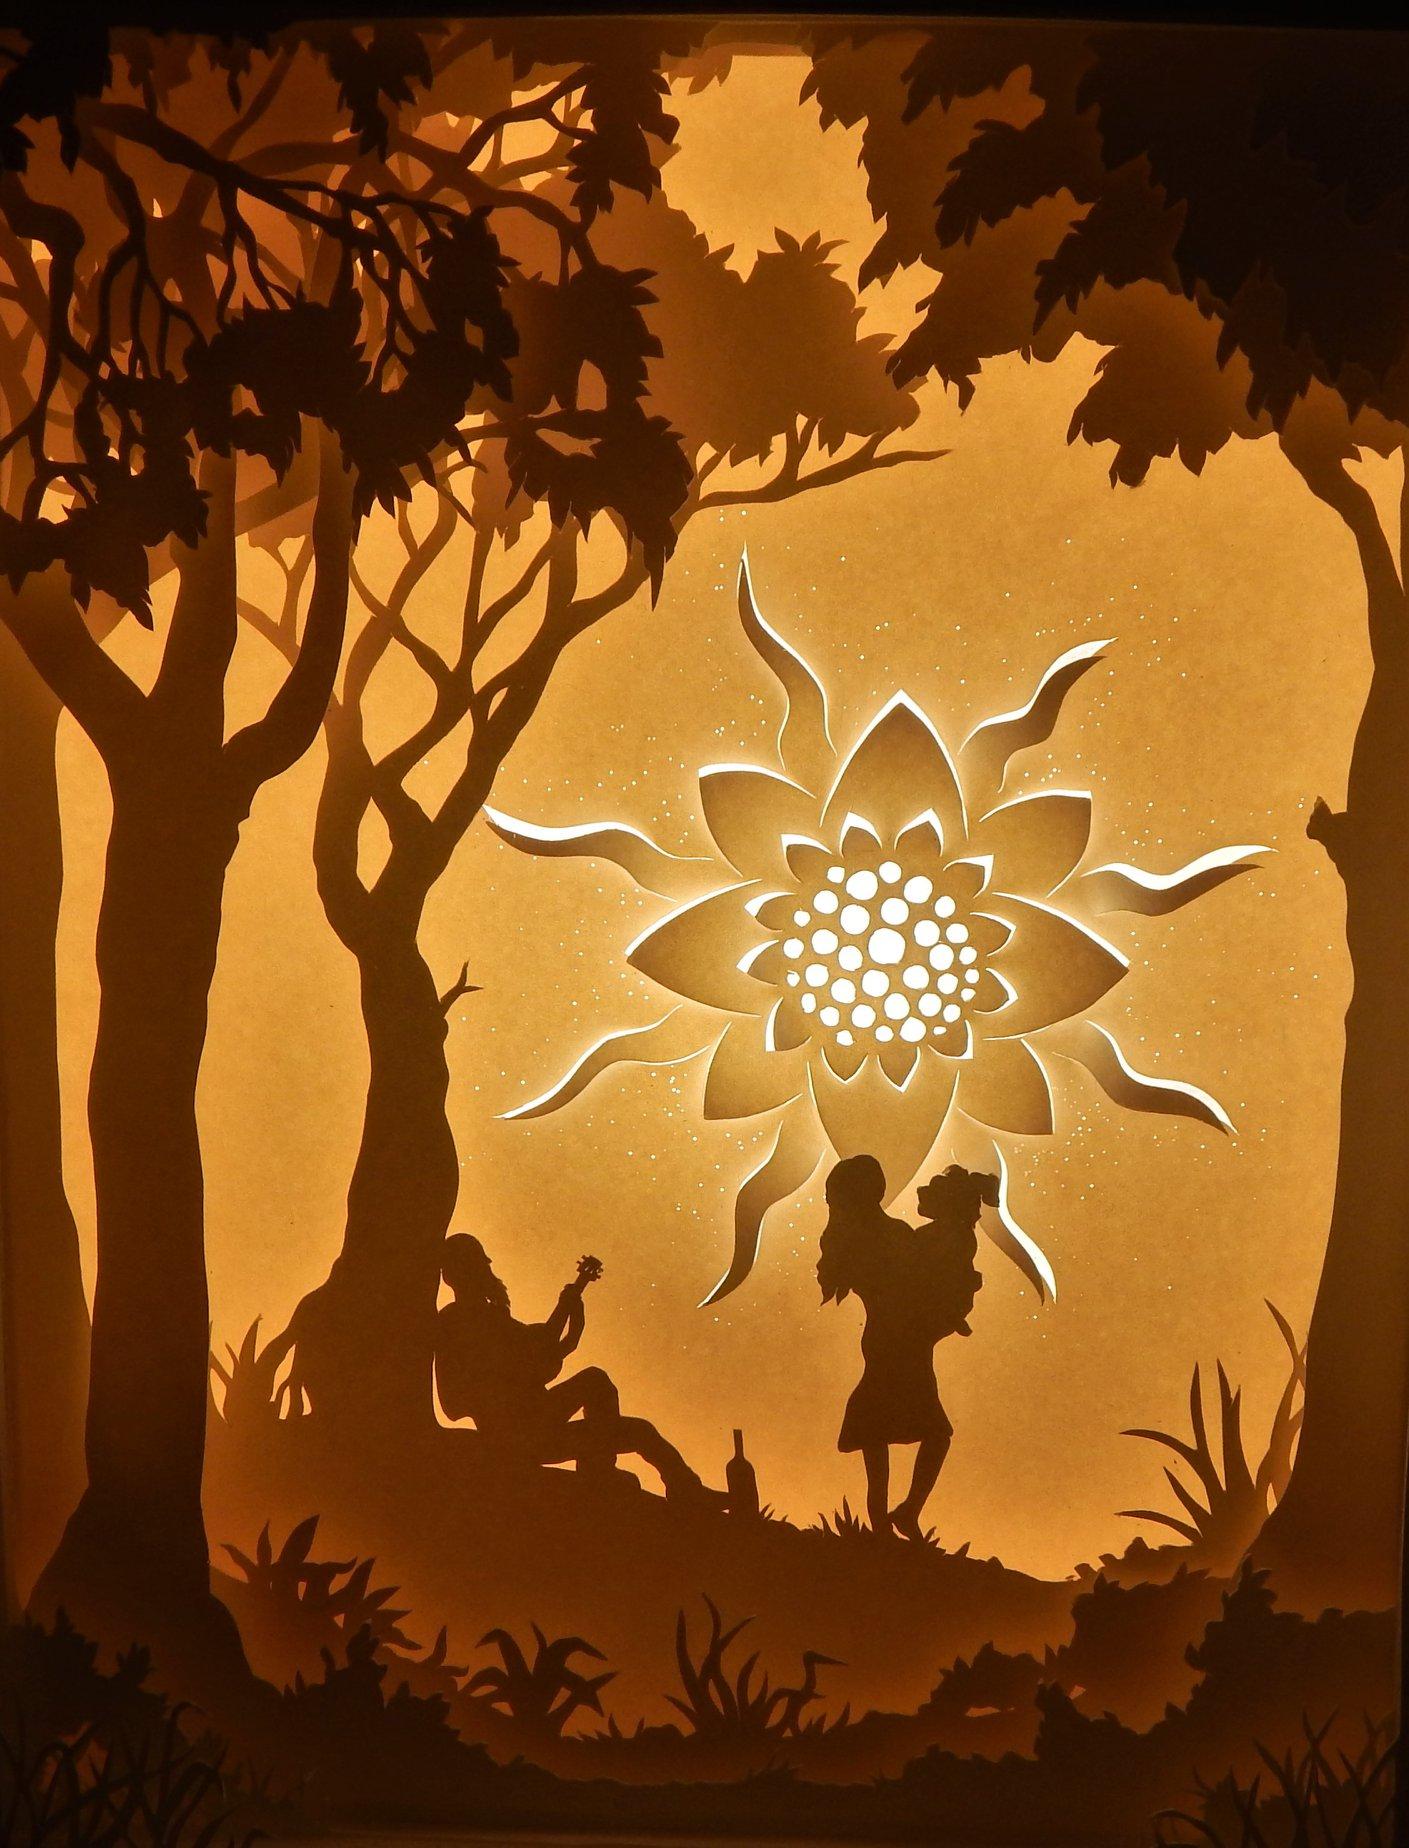 Sun worshipper -